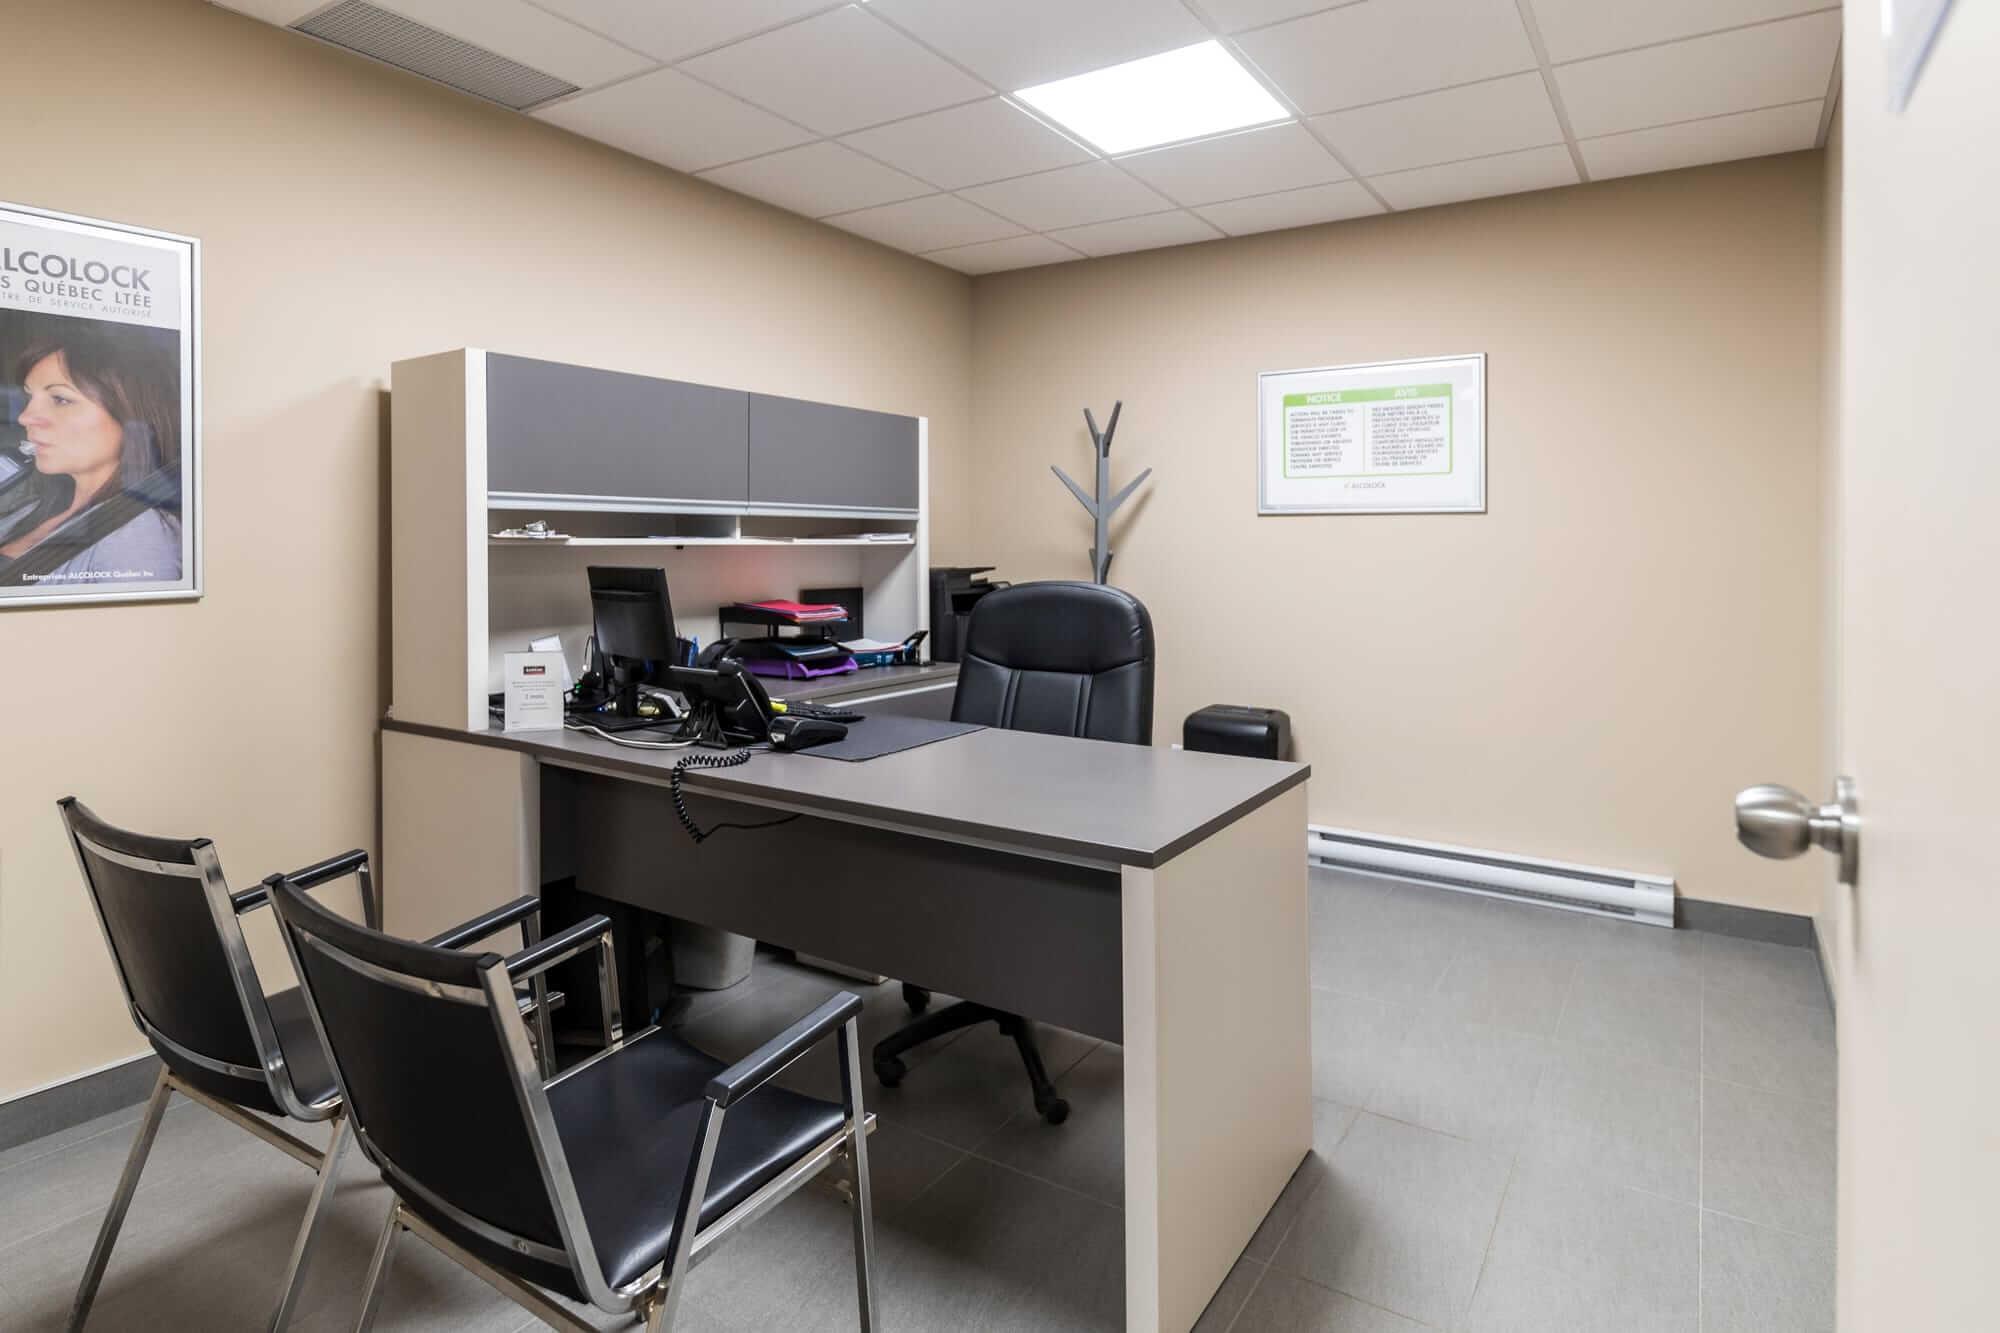 aménagement commercial - vue d'un bureau avec chaises noires